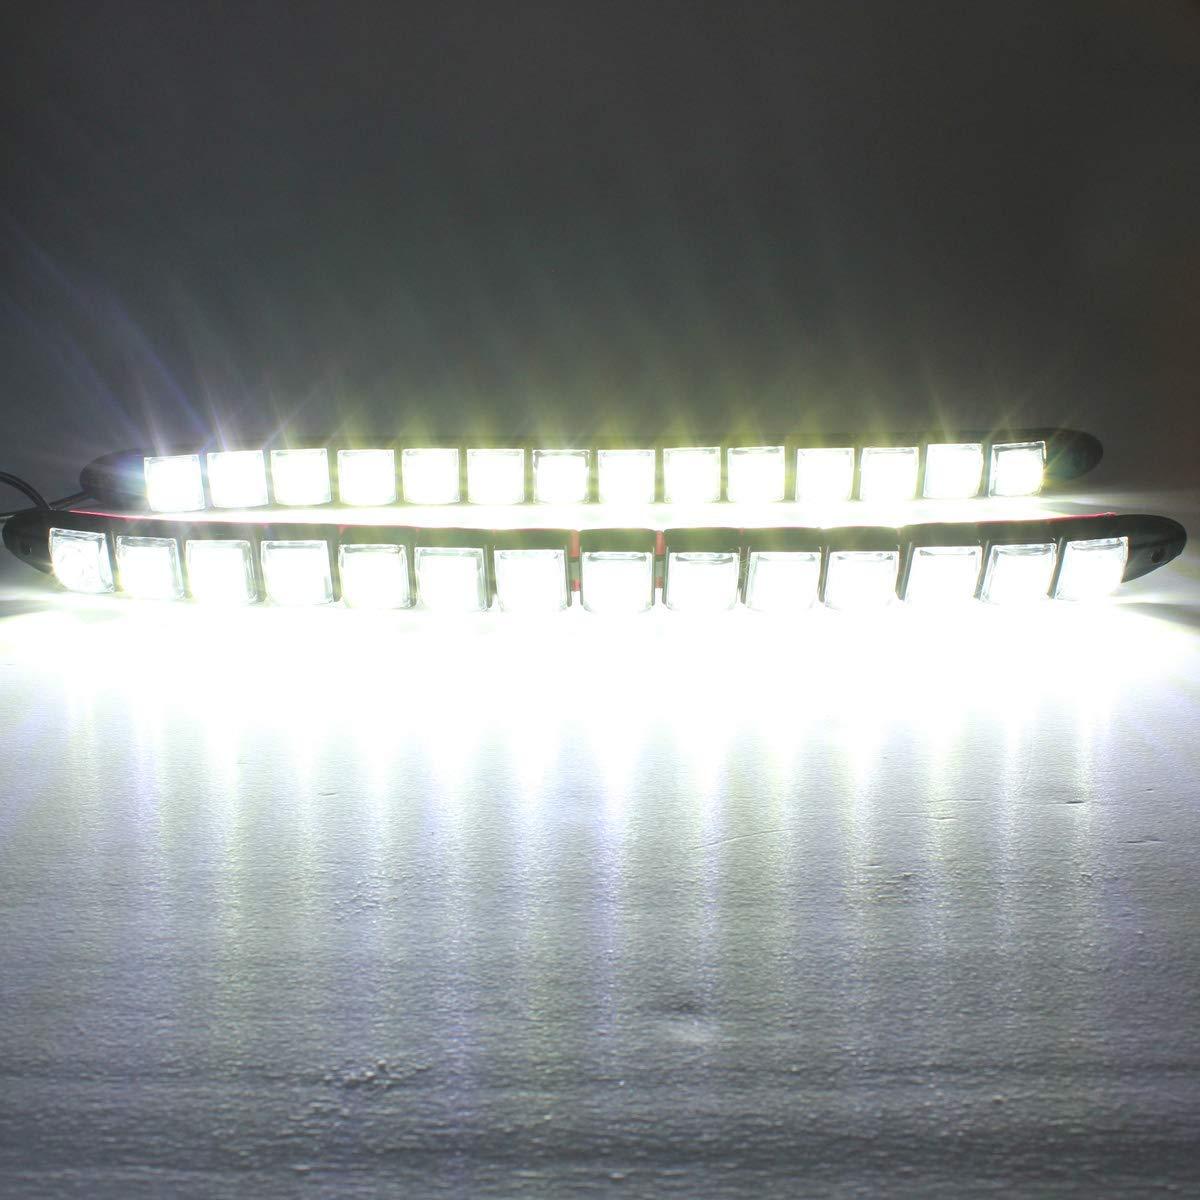 Fincos 6/8/9/12/14/16 LED Super White DRL Daytime Running Light Driving Fog Lamp DC-12V